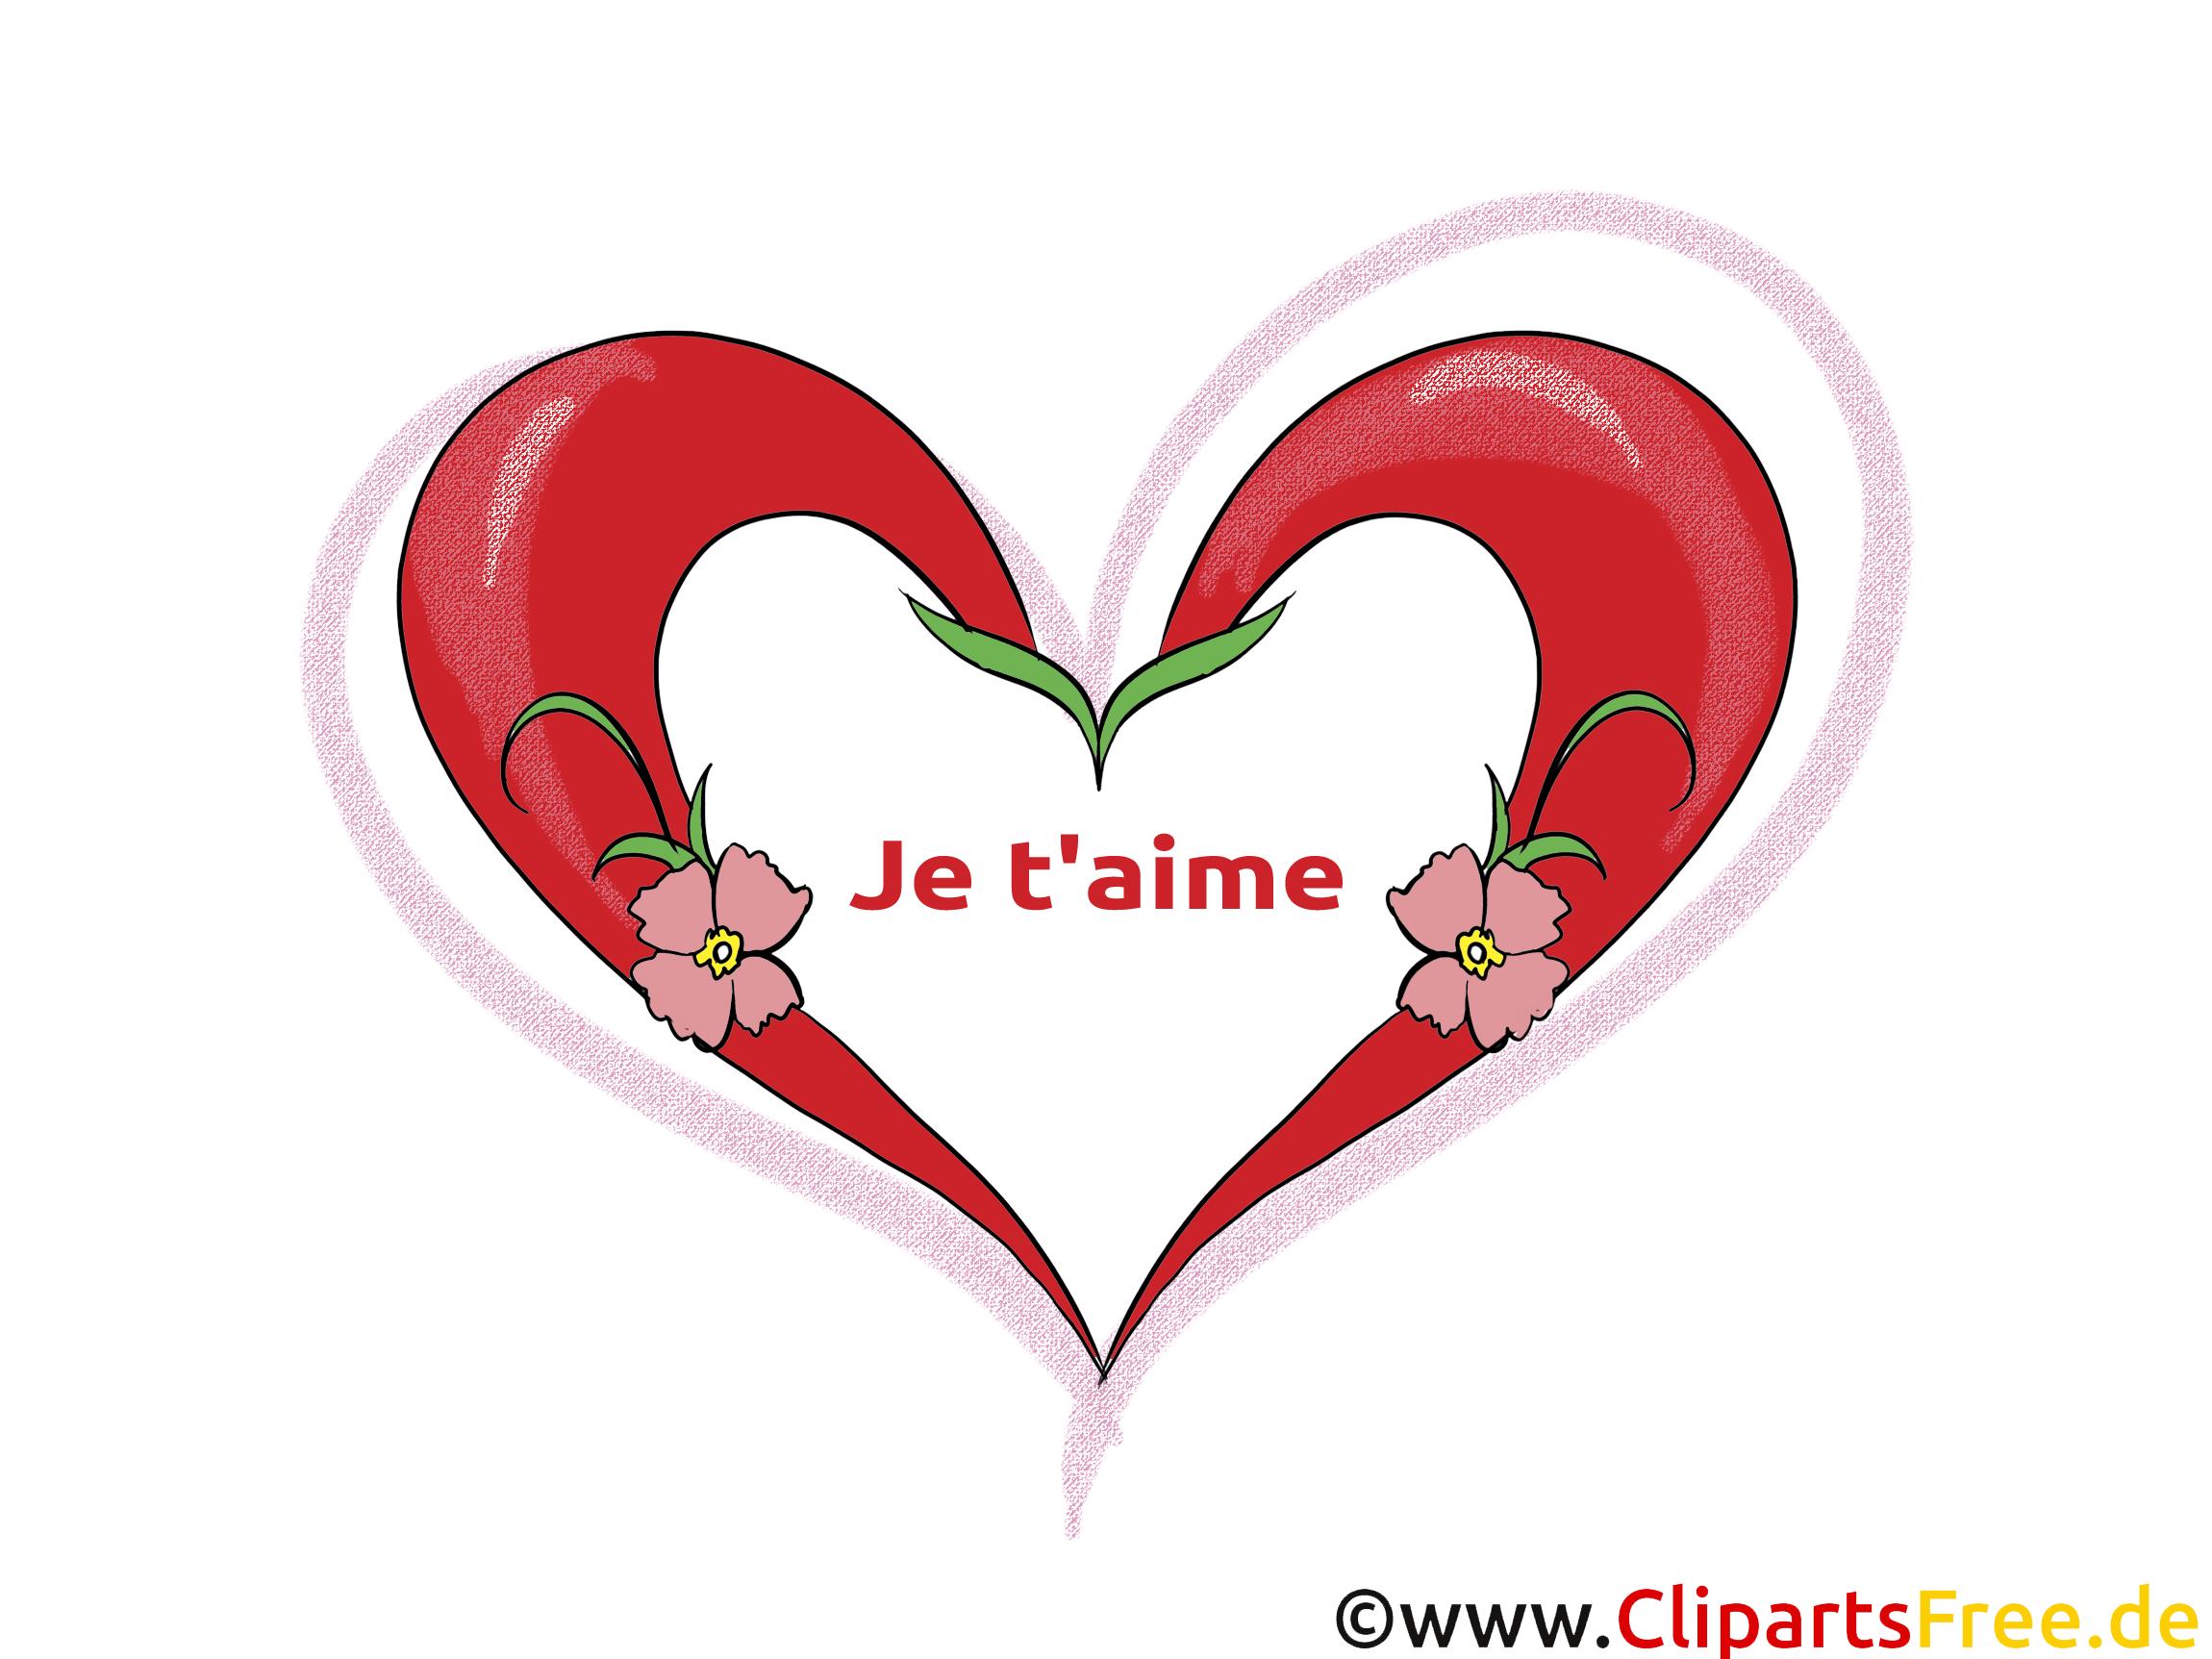 Coeur images gratuites je t 39 aime clipart je t 39 aime dessin picture image graphic clip art - Images coeur gratuites ...